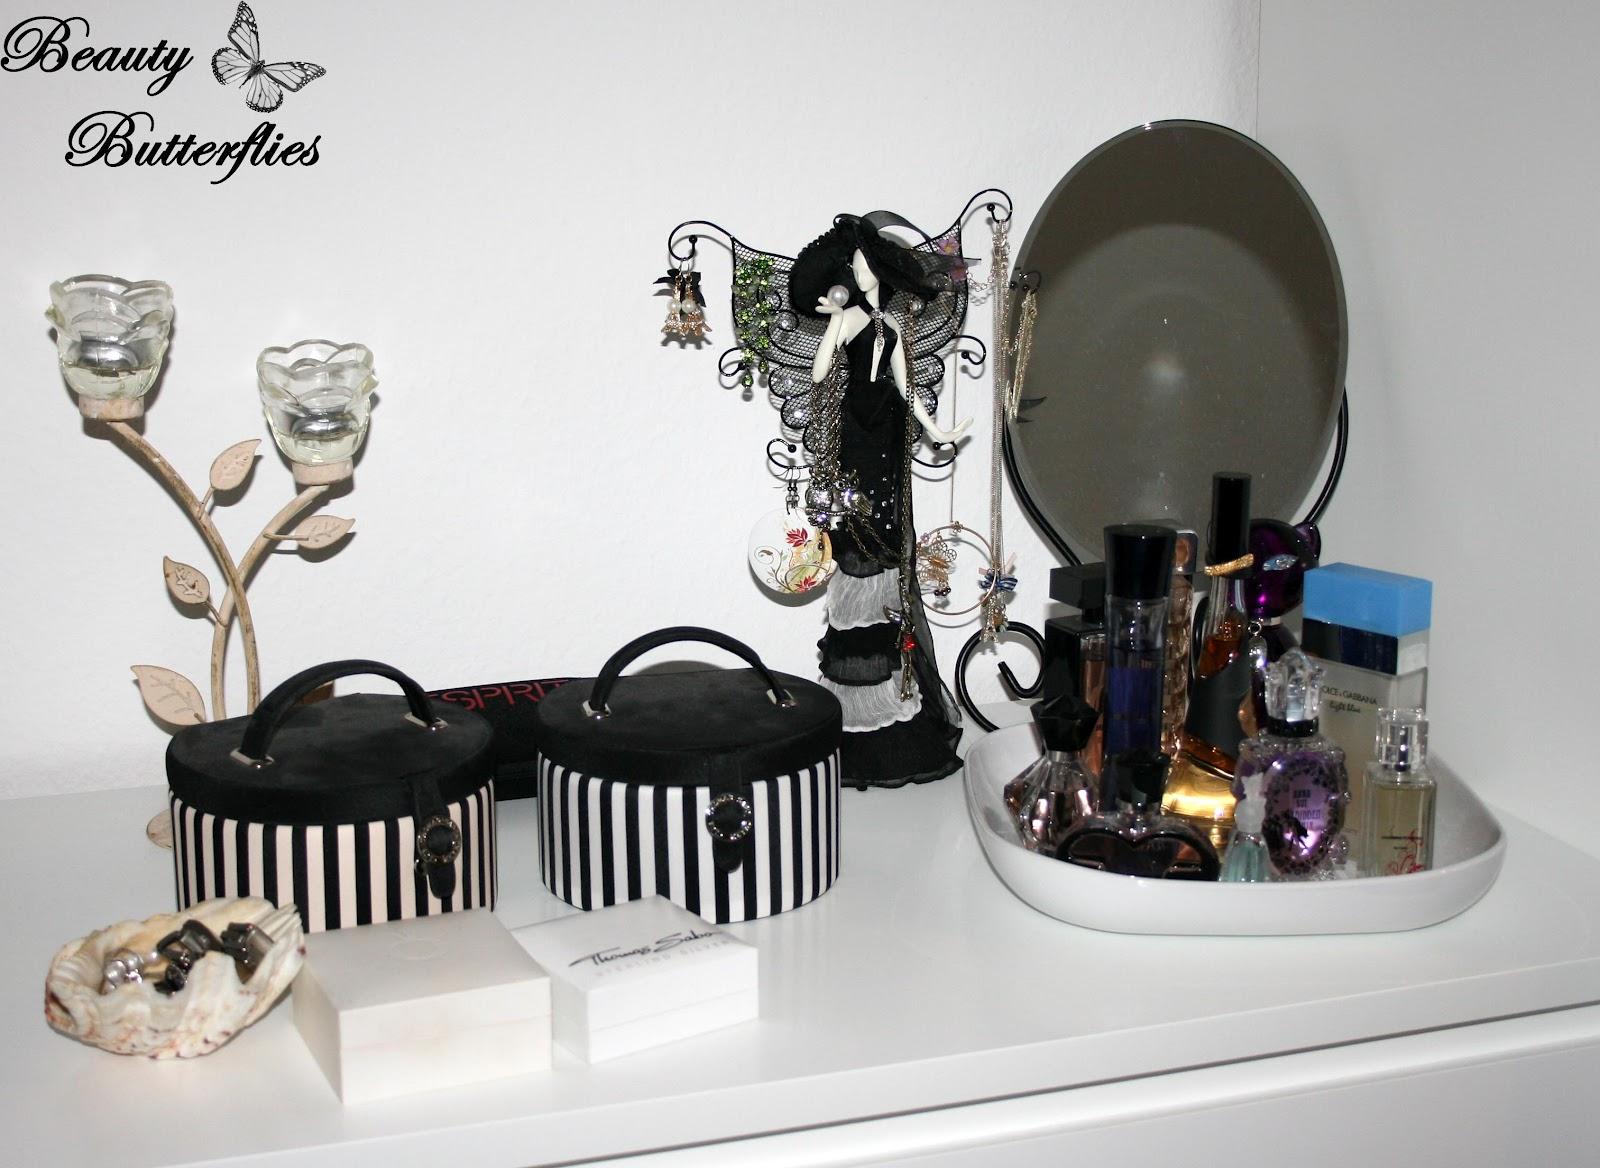 deko-tipp für beauty-freaks teil i – parfum aufbewahrung, Schlafzimmer entwurf